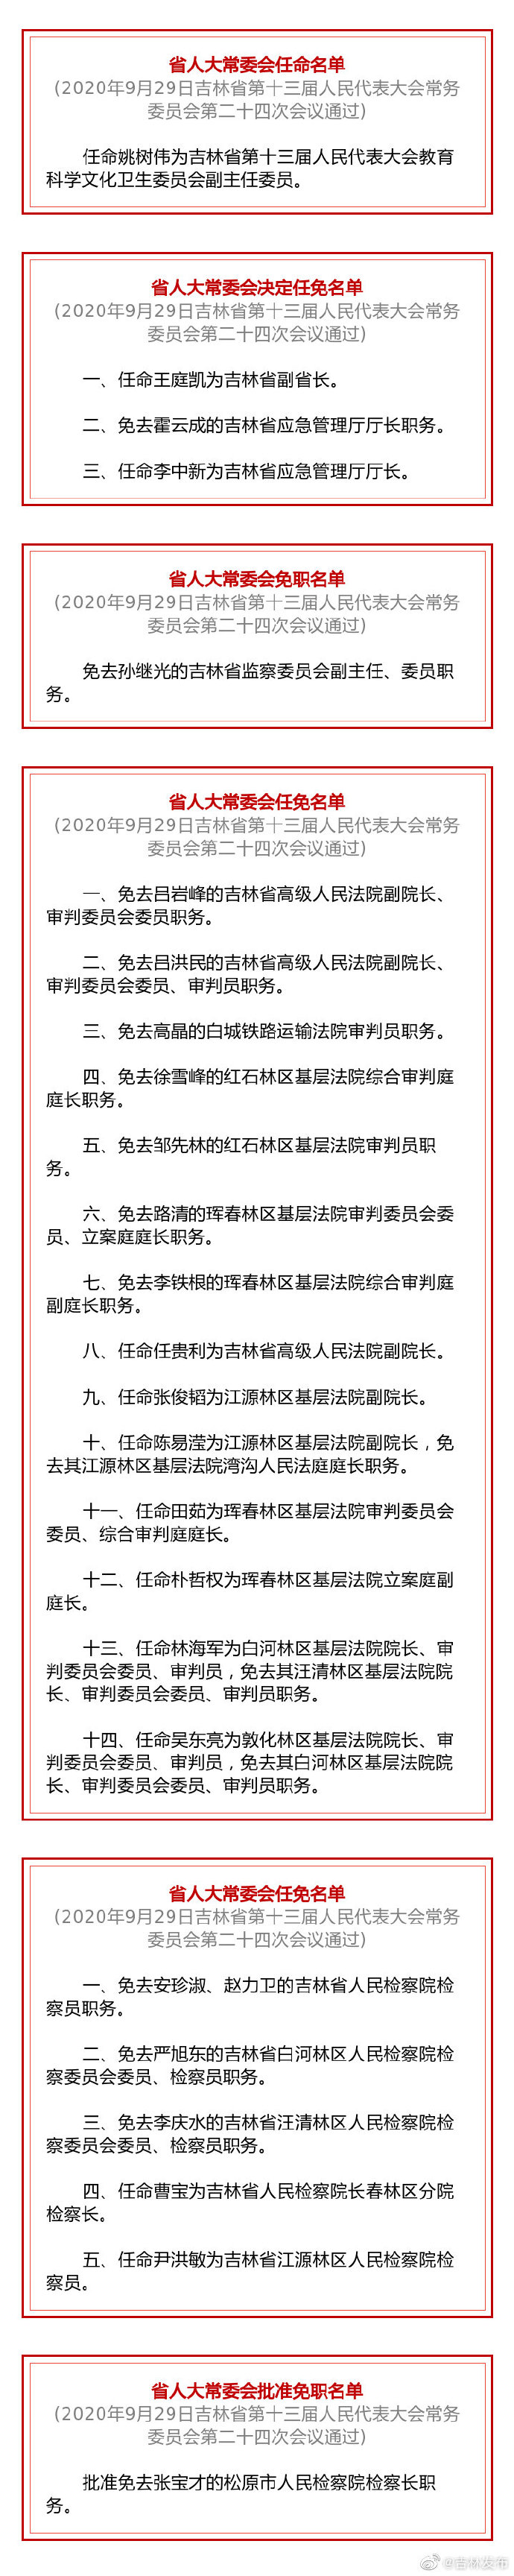 吉林省发布省人大常委会决定任免名单图片